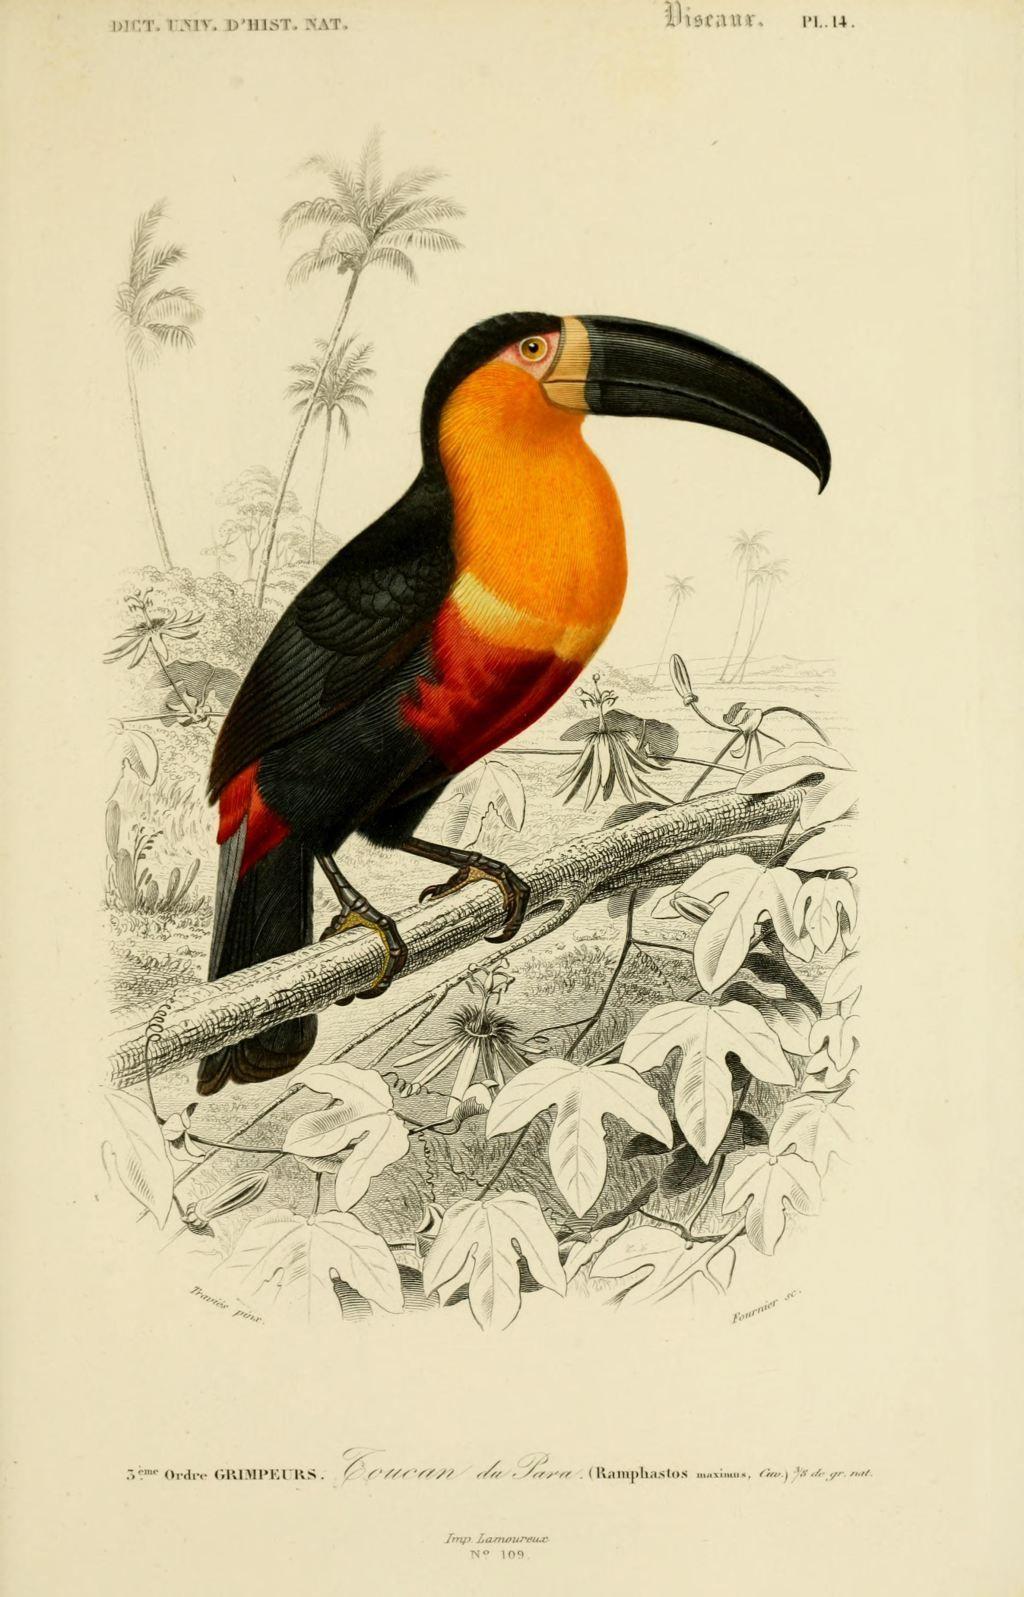 Gravures Couleur D'Oiseaux - Gravure Oiseau 0247 Toucan De encequiconcerne Coloriage Oiseaux Tropicaux